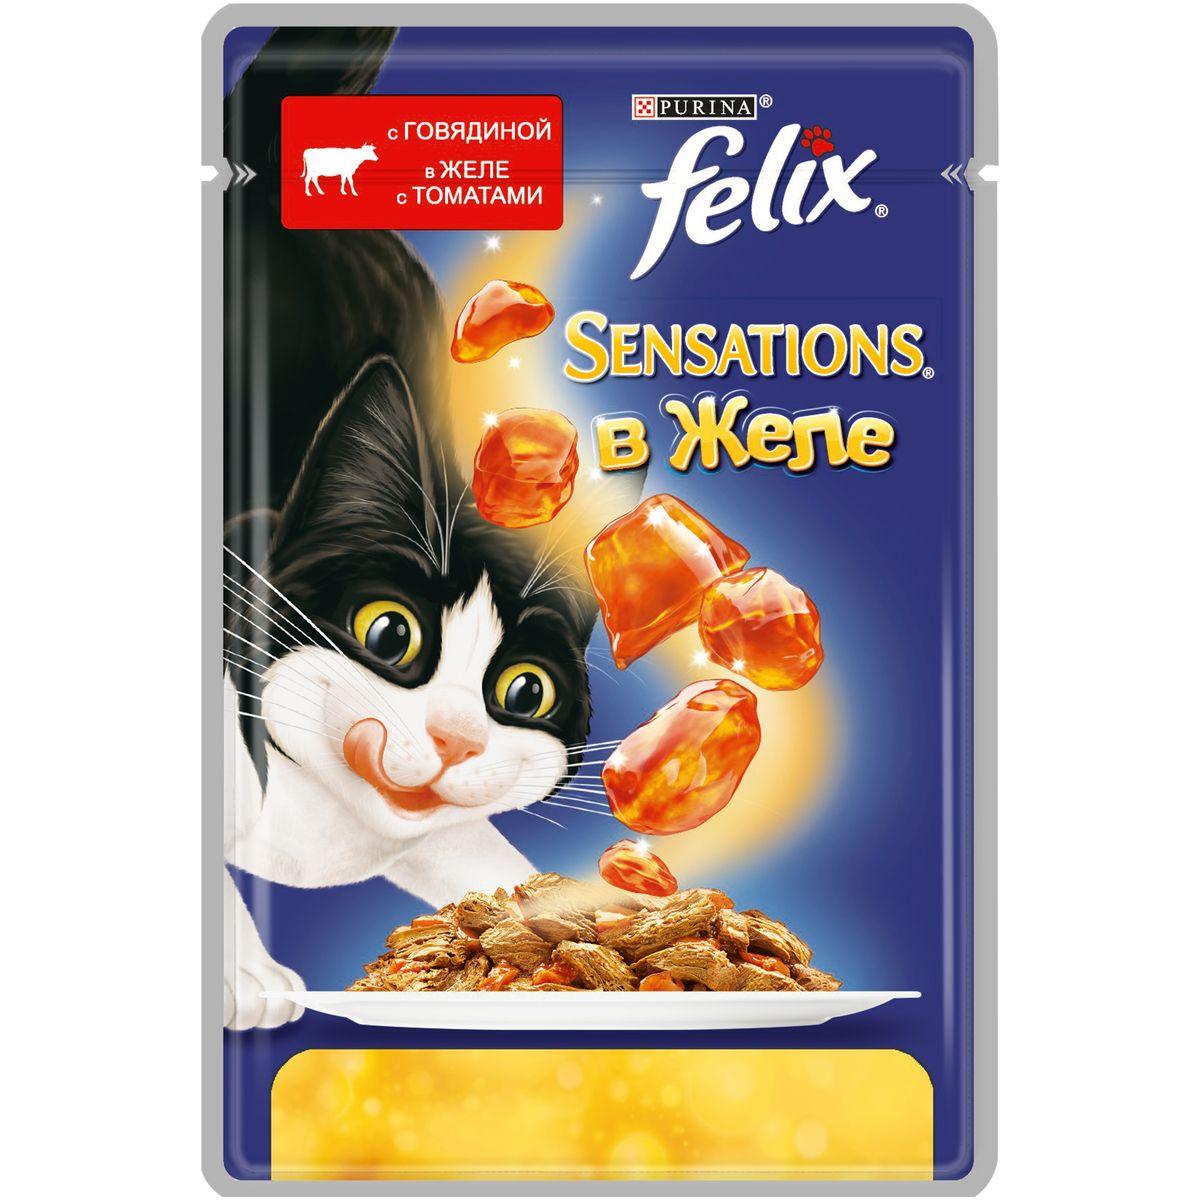 Консервы для кошек Felix Sensations, с говядиной в желе с томатами, 85 г12232833Консервированный корм для кошек Felix с говядиной в желе с томатами - полнорационный корм для взрослых кошек. Это нежные кусочки с мясом или рыбой, покрытые сочным желе с разными вкусами: томатов, моркови, шпината. Ароматные желе делают вкус корма особенно аппетитным и привлекательным для вашего питомца. Ваш кот будет есть такую вкуснятину хоть каждый день - на завтрак, обед и ужин. Состав: говядина: мясо и мясные субпродукты (из которых 4% говядины), растительные белковые экстракты, рыба и рыбные субпродукты, растительные субпродукты (4% томата в желе), минеральные вещества, сахар. Пищевые добавки: витамин A (1490 МЕ/кг), витамин D3 (230 МЕ/кг), витамин E (17 МЕ/кг), железо (10 мг/кг), йод (0,3 мг/кг), медь (0,9 мг/кг), марганец (2 мг/кг), цинк (10 мг/кг). Технологические добавки: E499 (2650 мг/кг). Аналитические составные части: влажность (80%), белки (13%), содержание жира (3%), сырая зола (2,2%), сырая клетчатка (0,5%), линолевая кислота (0,2%).Товар сертифицирован.